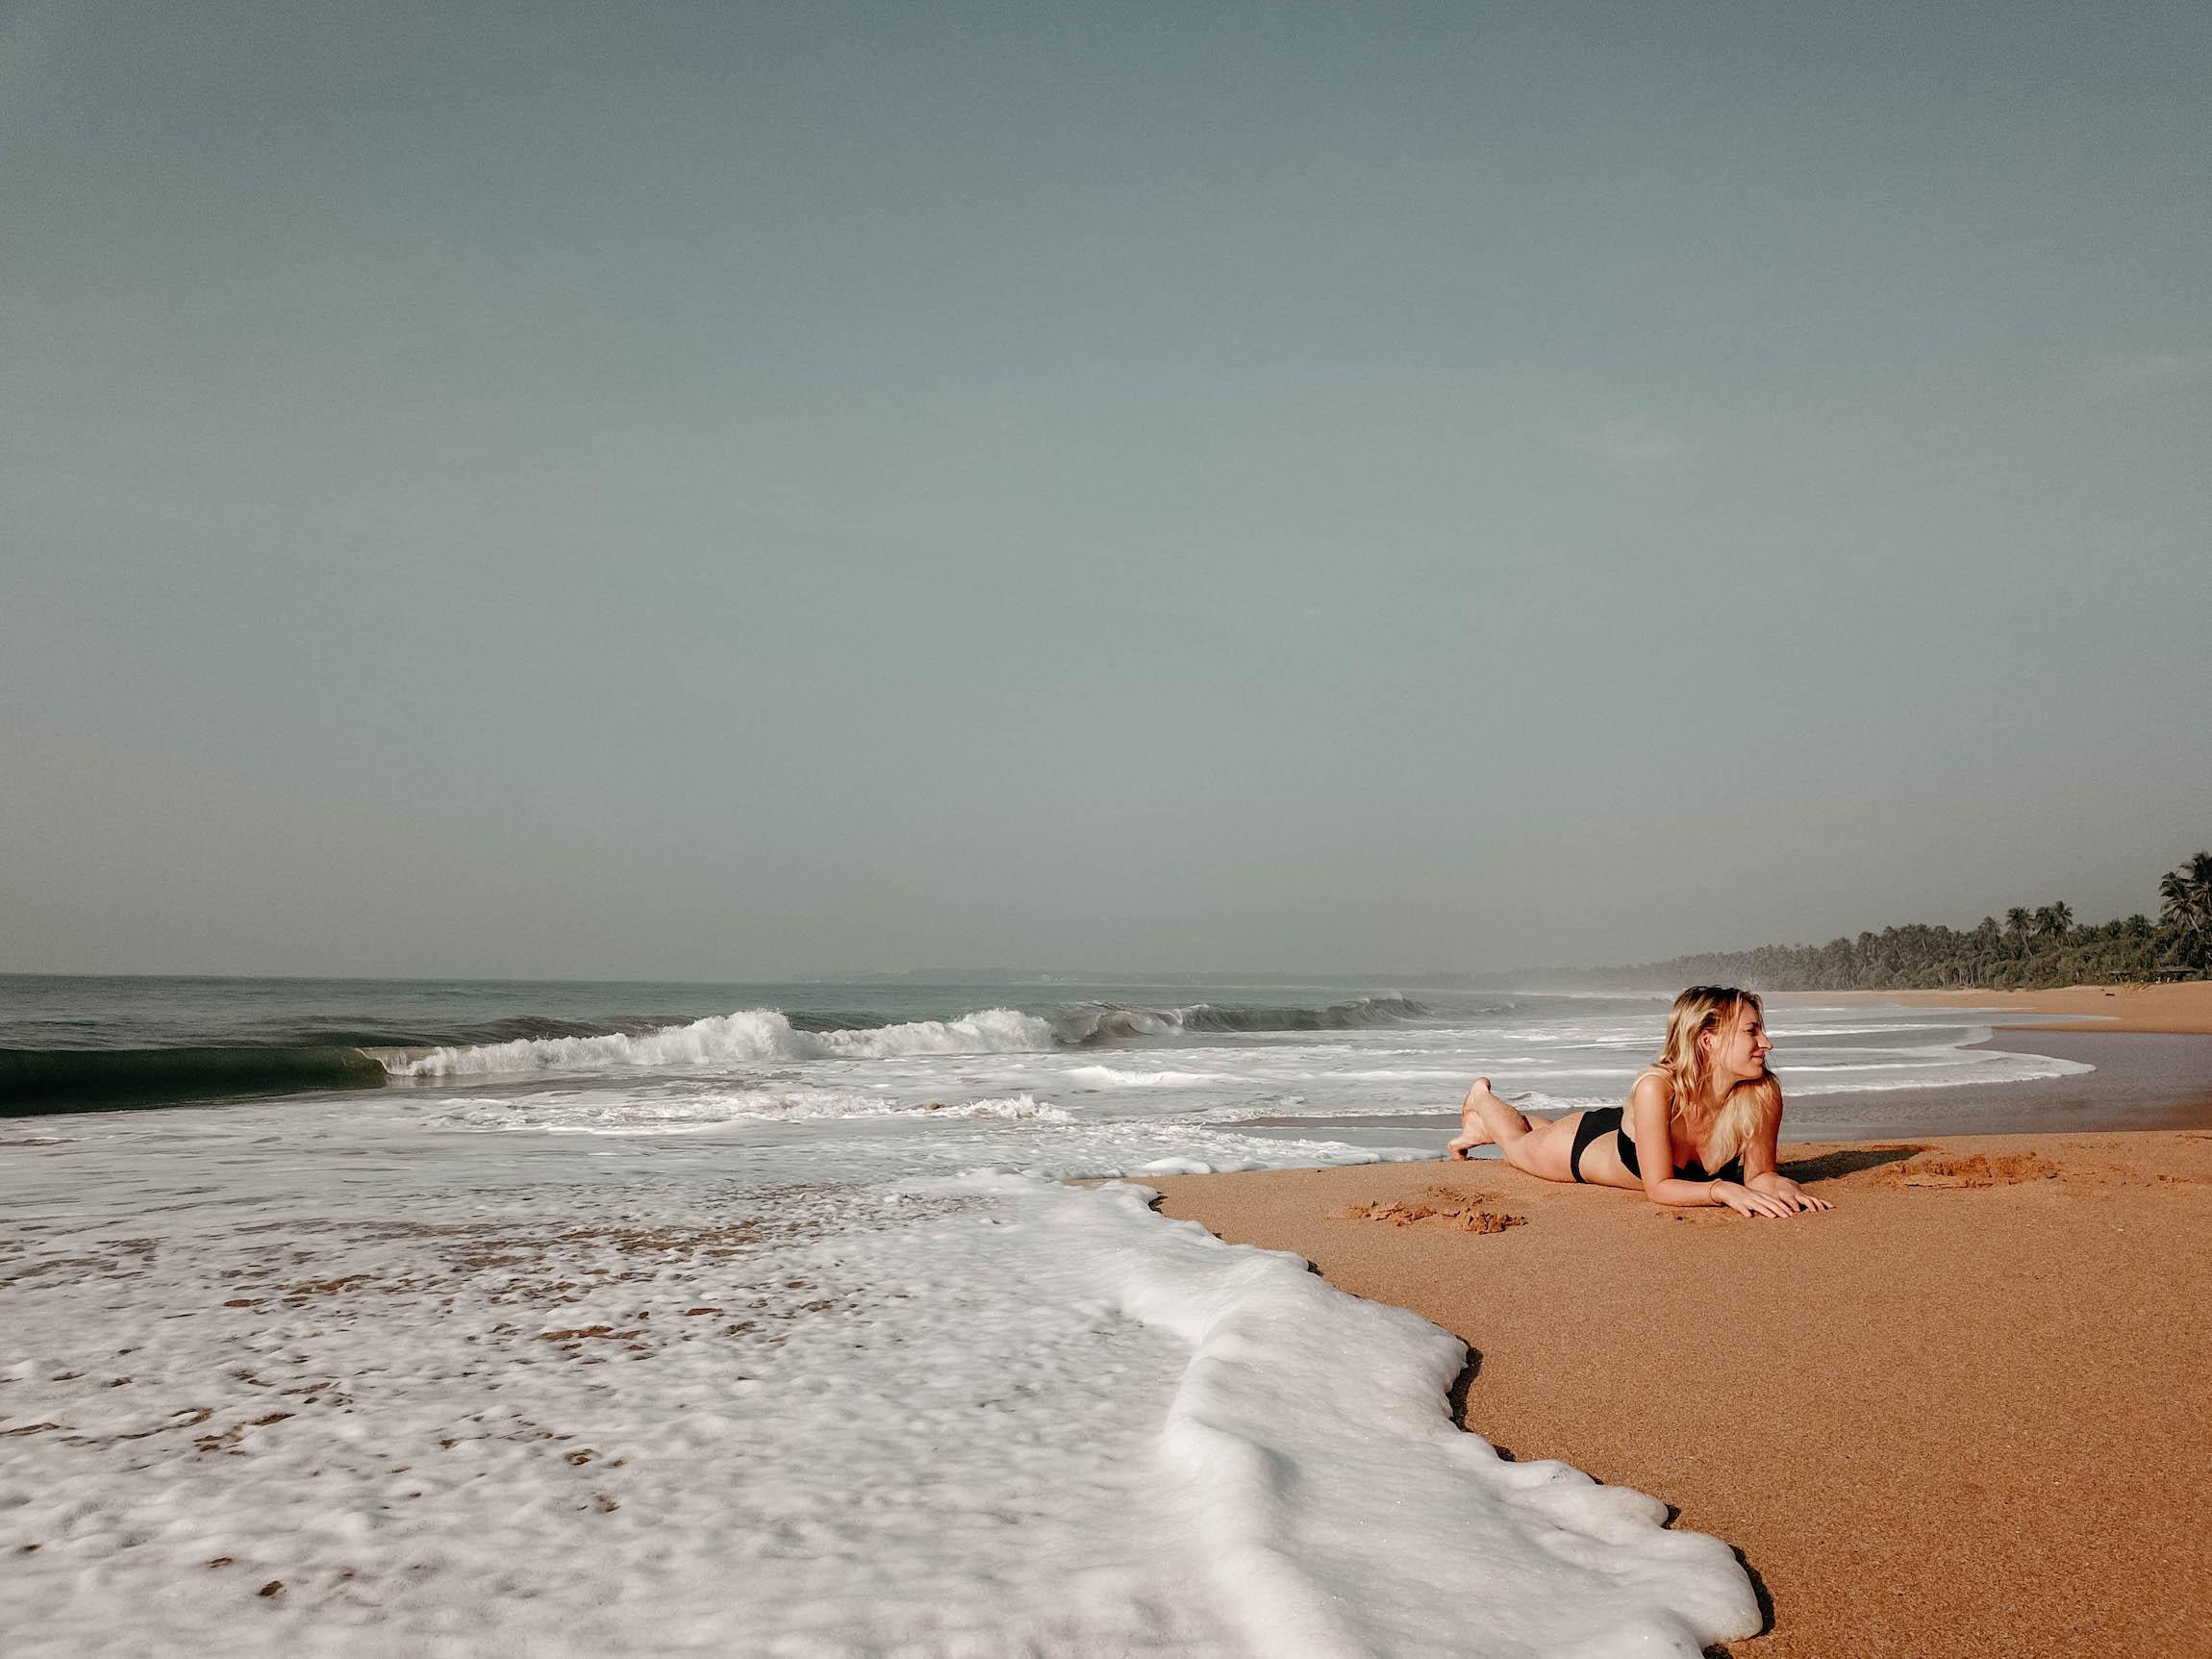 Fotografieren und filmen mit der Drohne strand beach frau